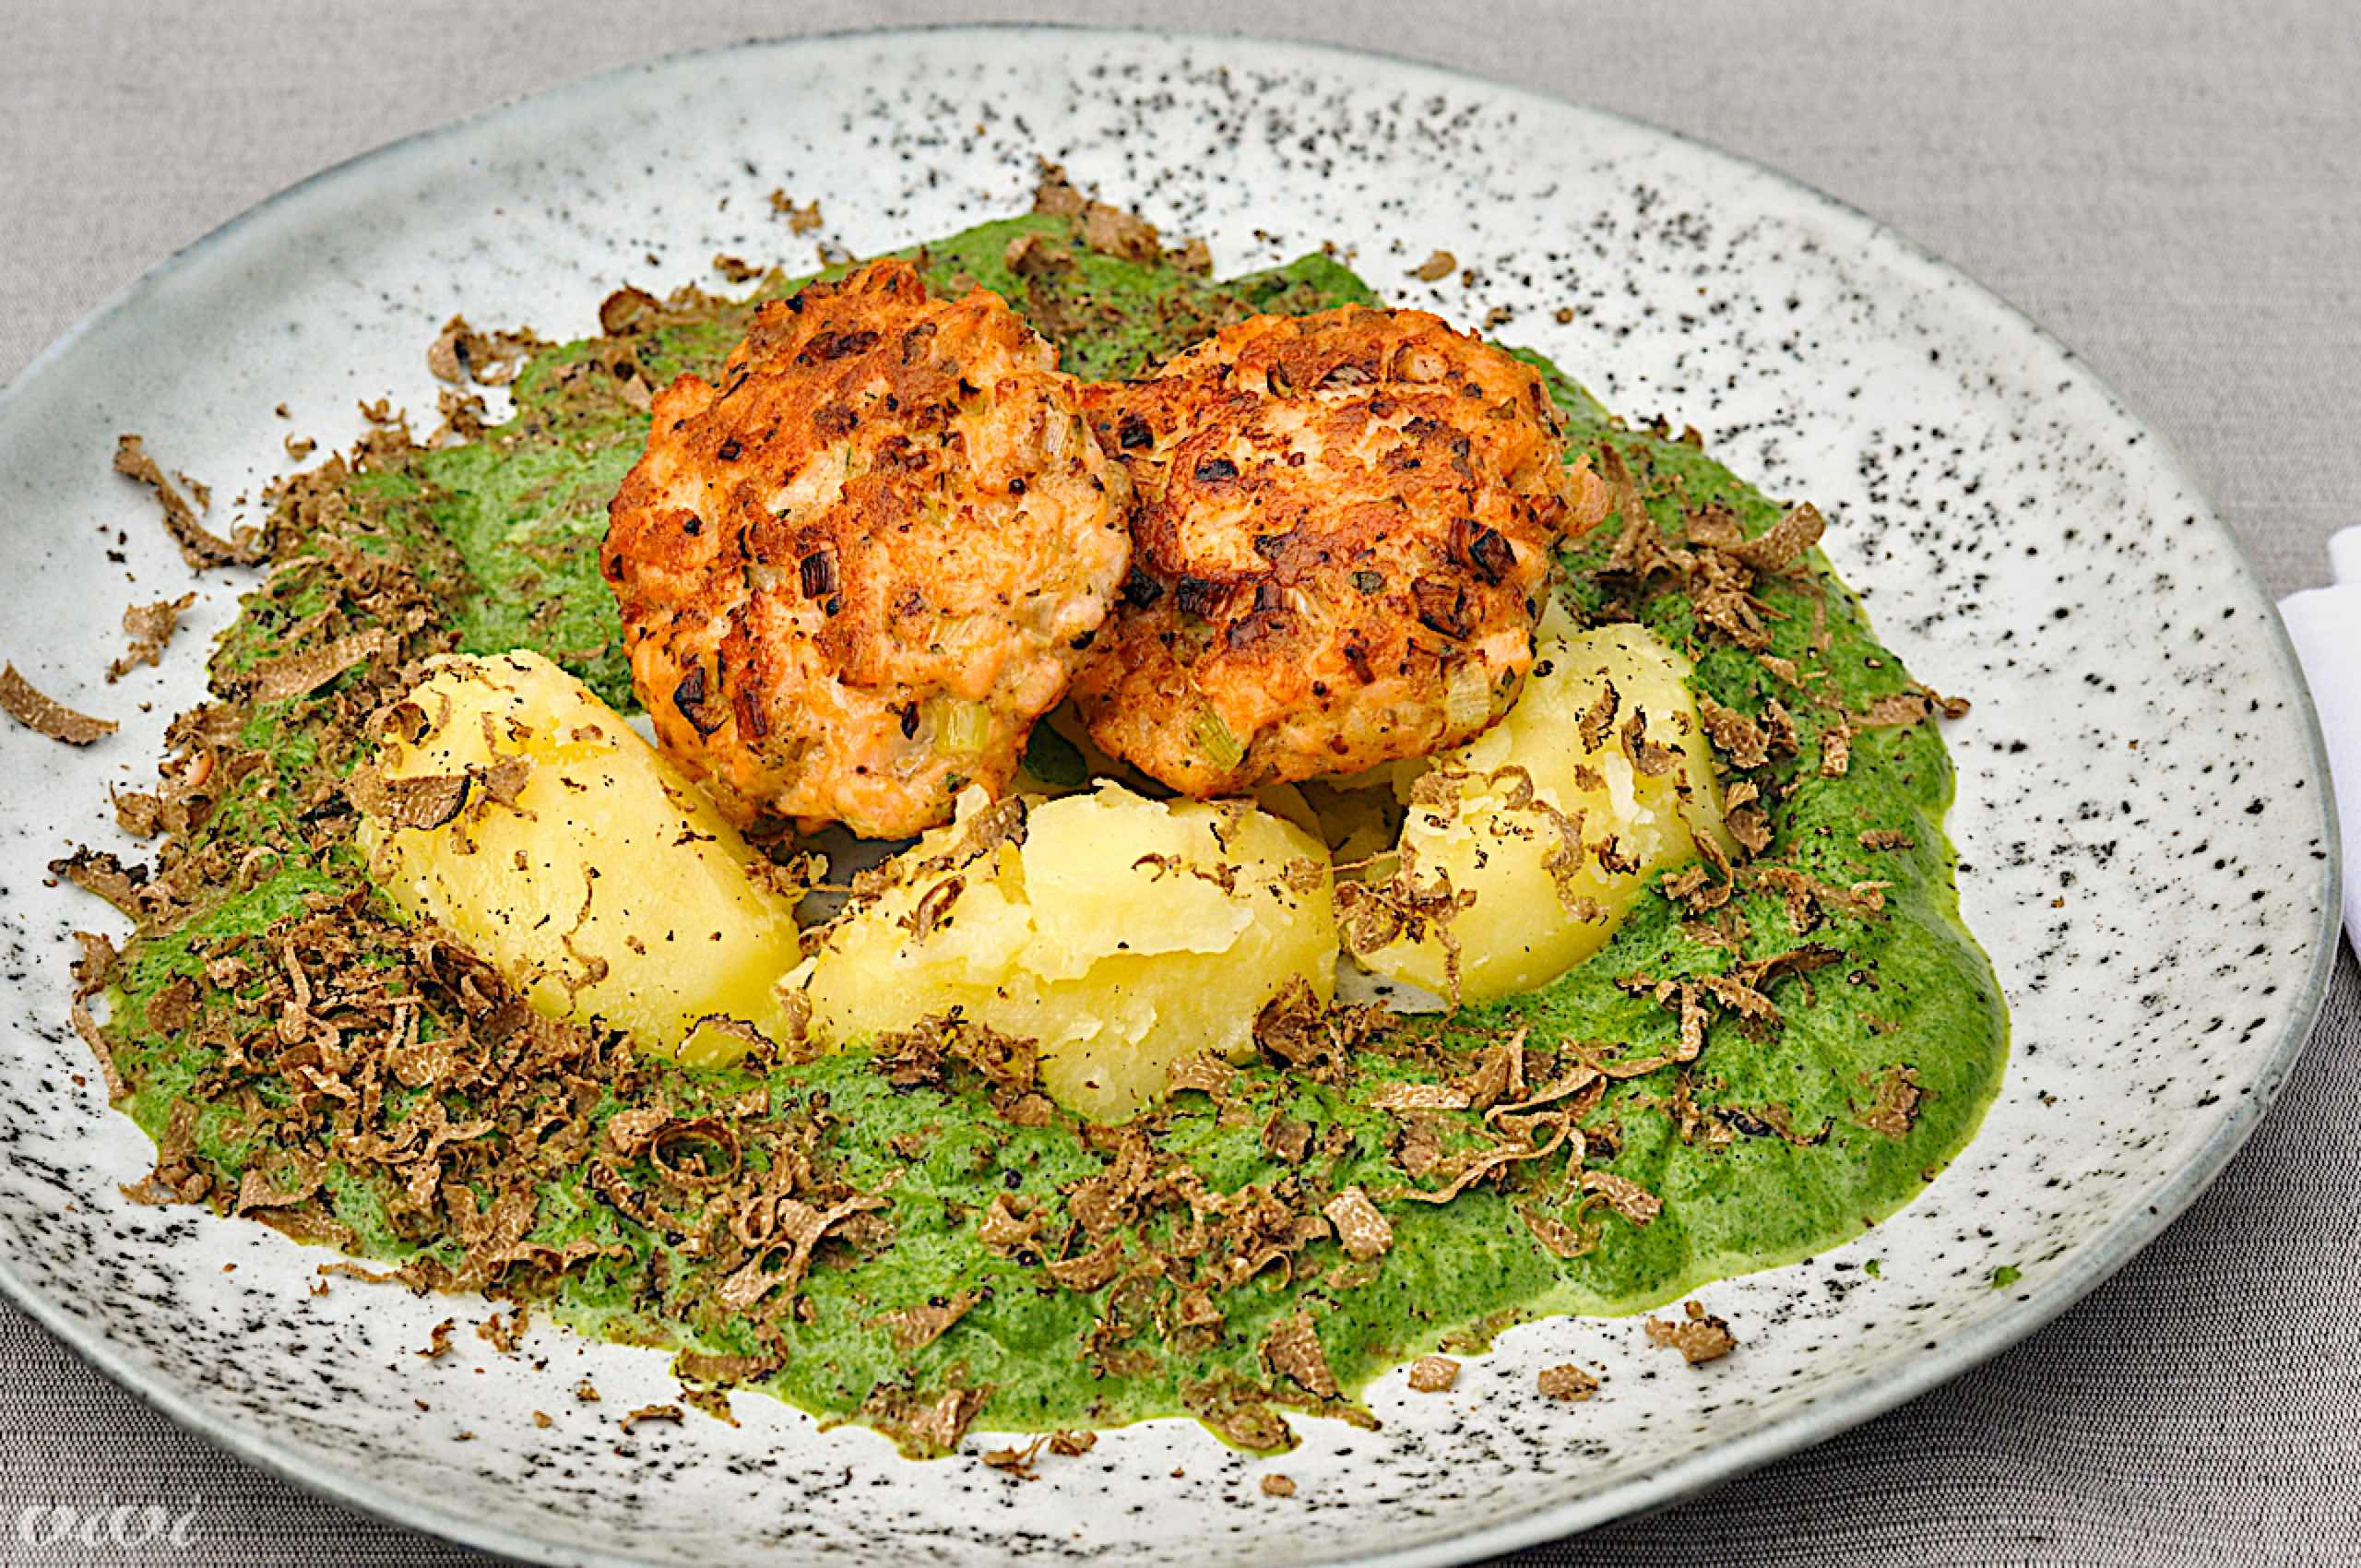 lososovi polpeti spinaca tartufi2